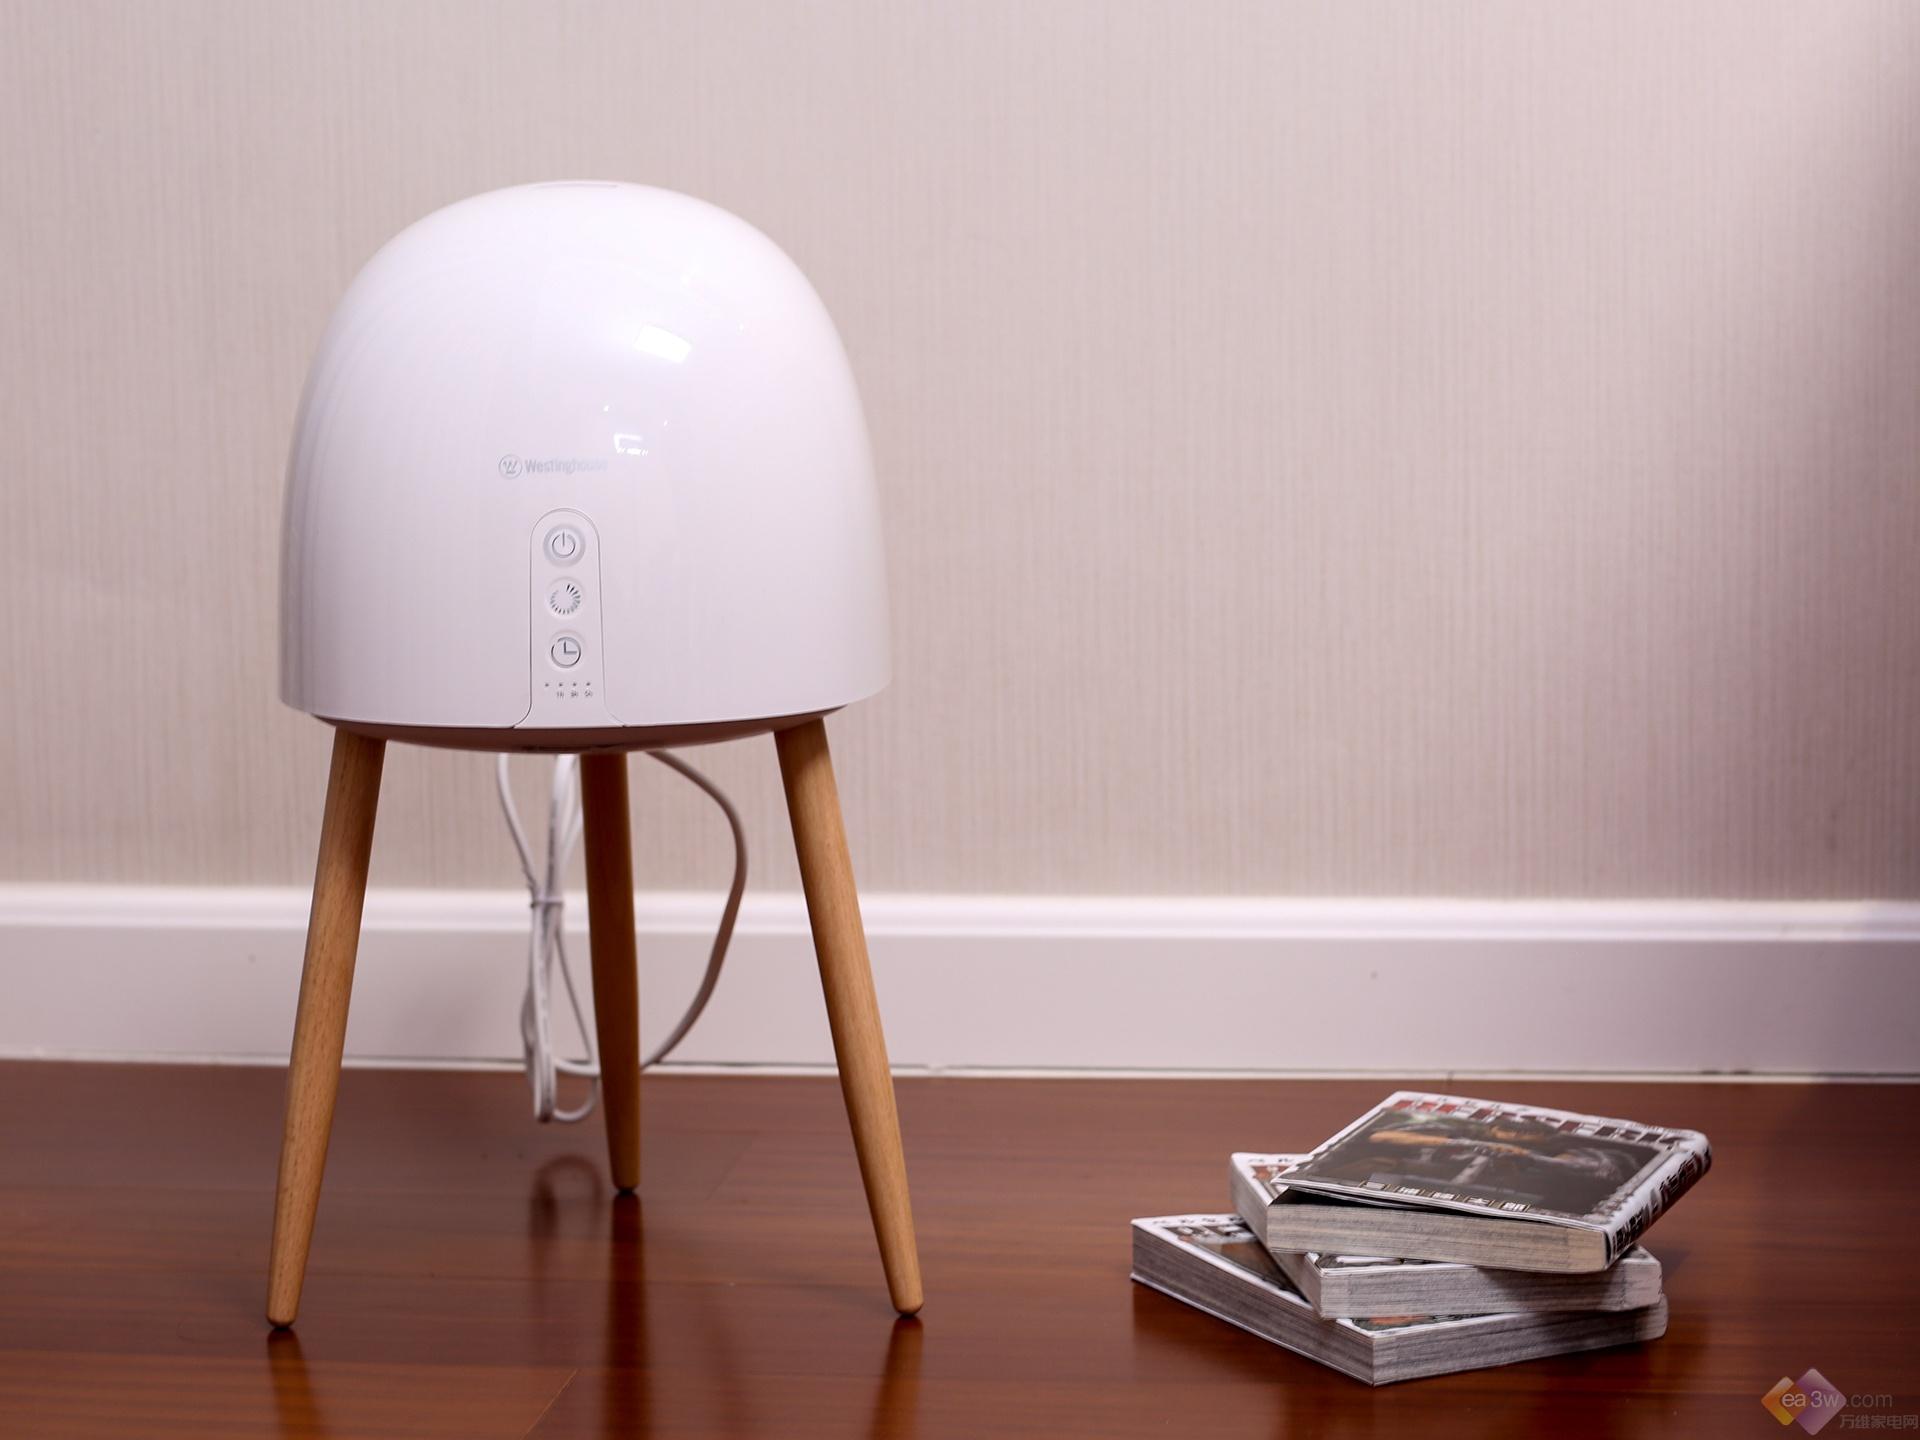 好看的设计可百搭,西屋加湿器WHT-2560L图赏